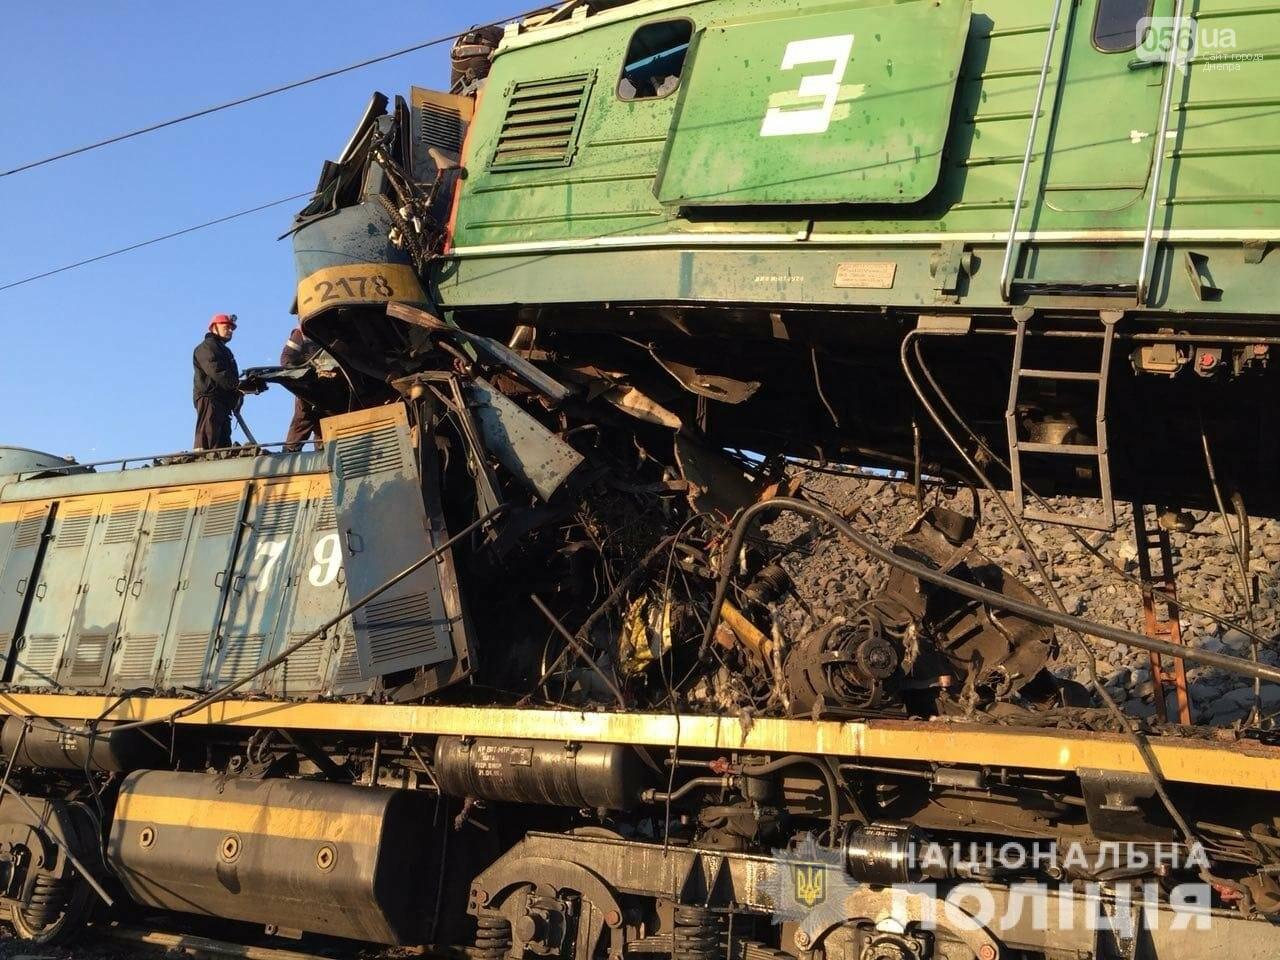 Железнодорожная авария в Кривом Роге: полиция открыла уголовное дело, - ФОТО, фото-1